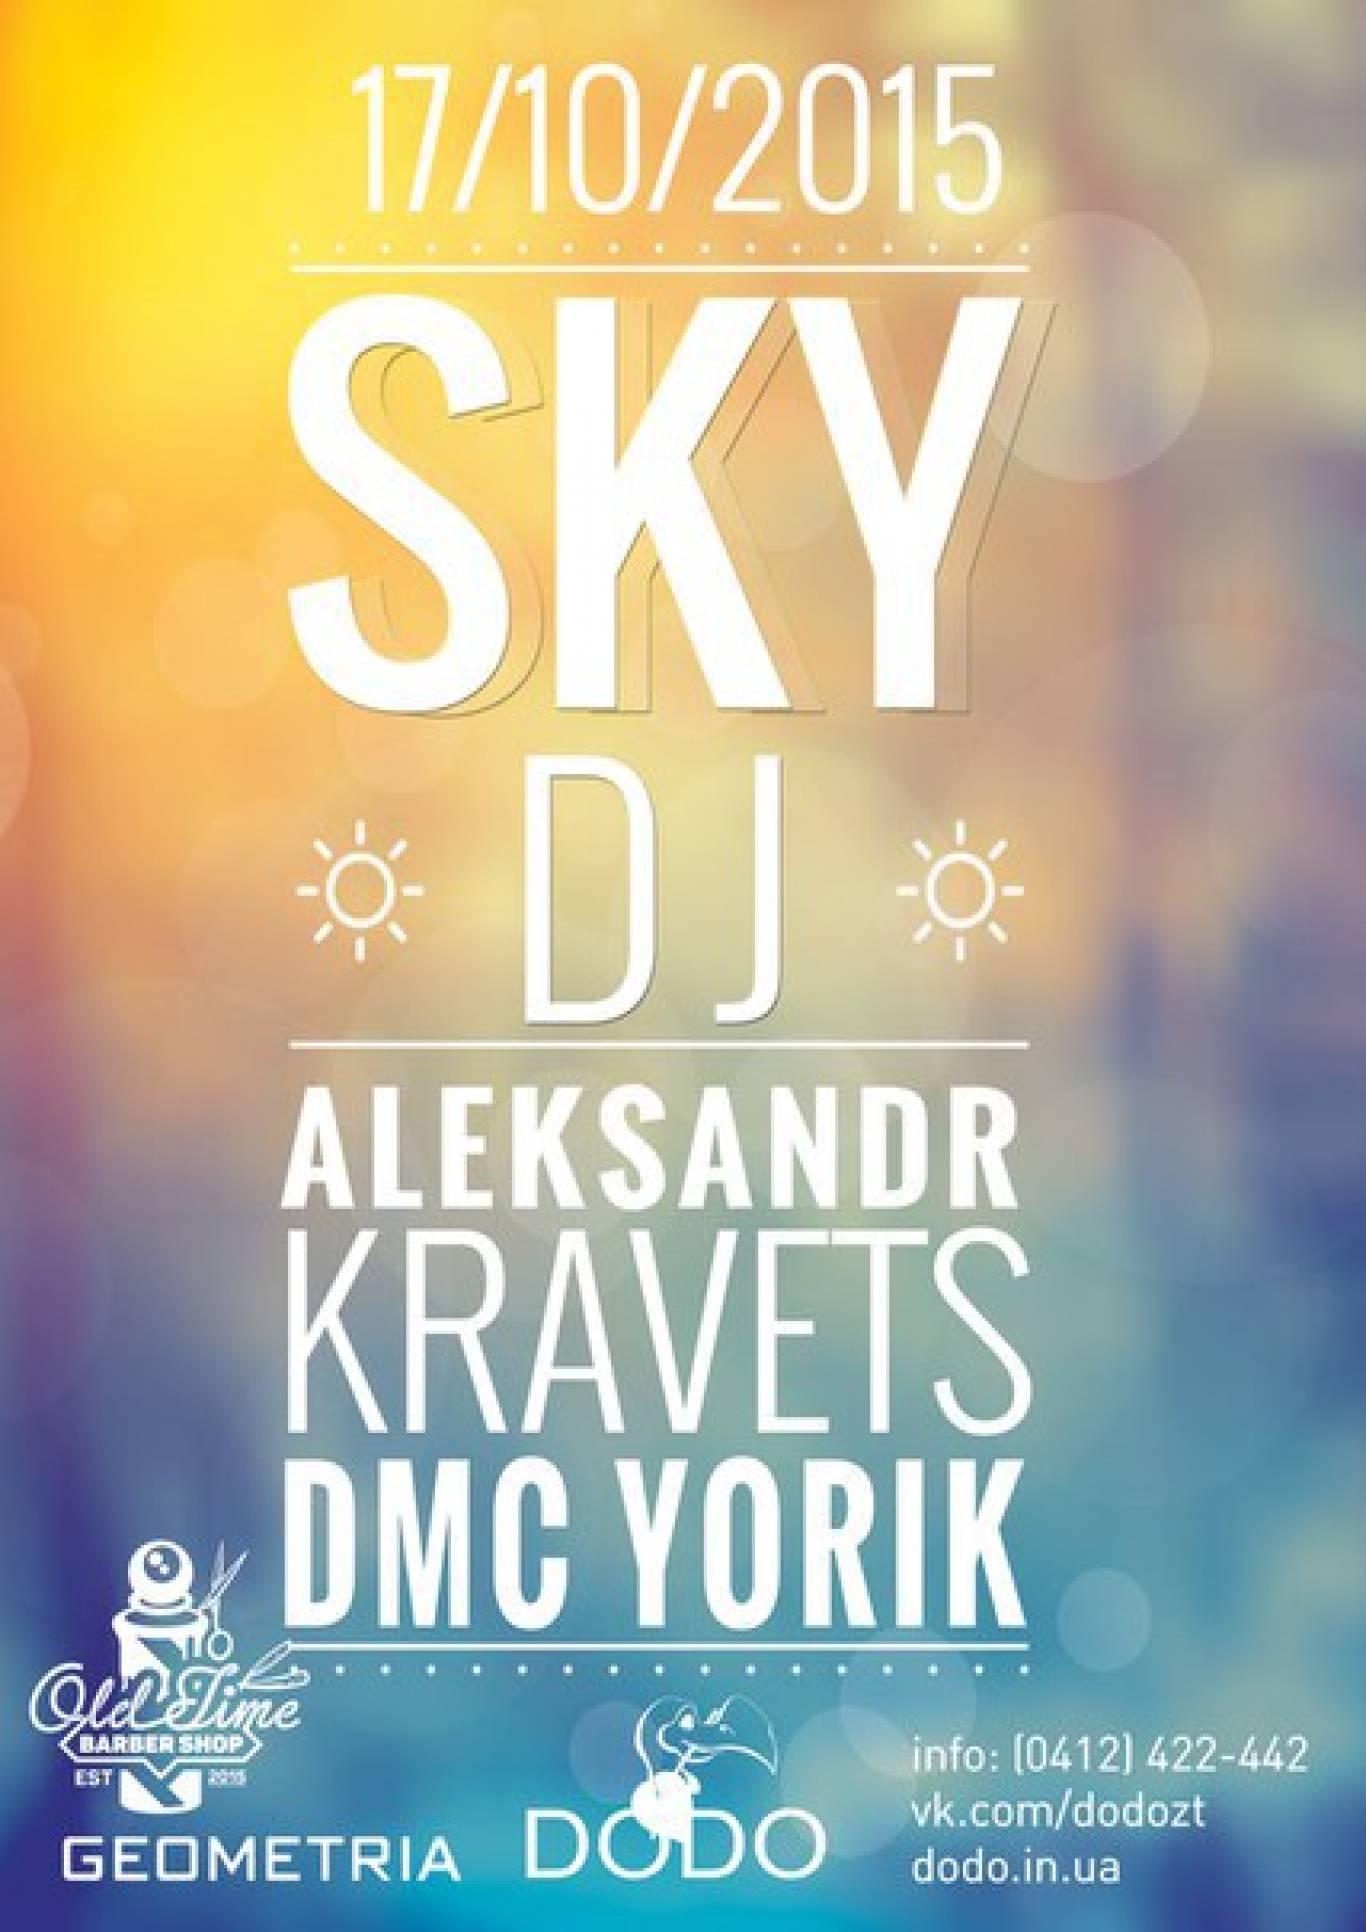 """DJ SKY в н.к.  """"DODO"""""""